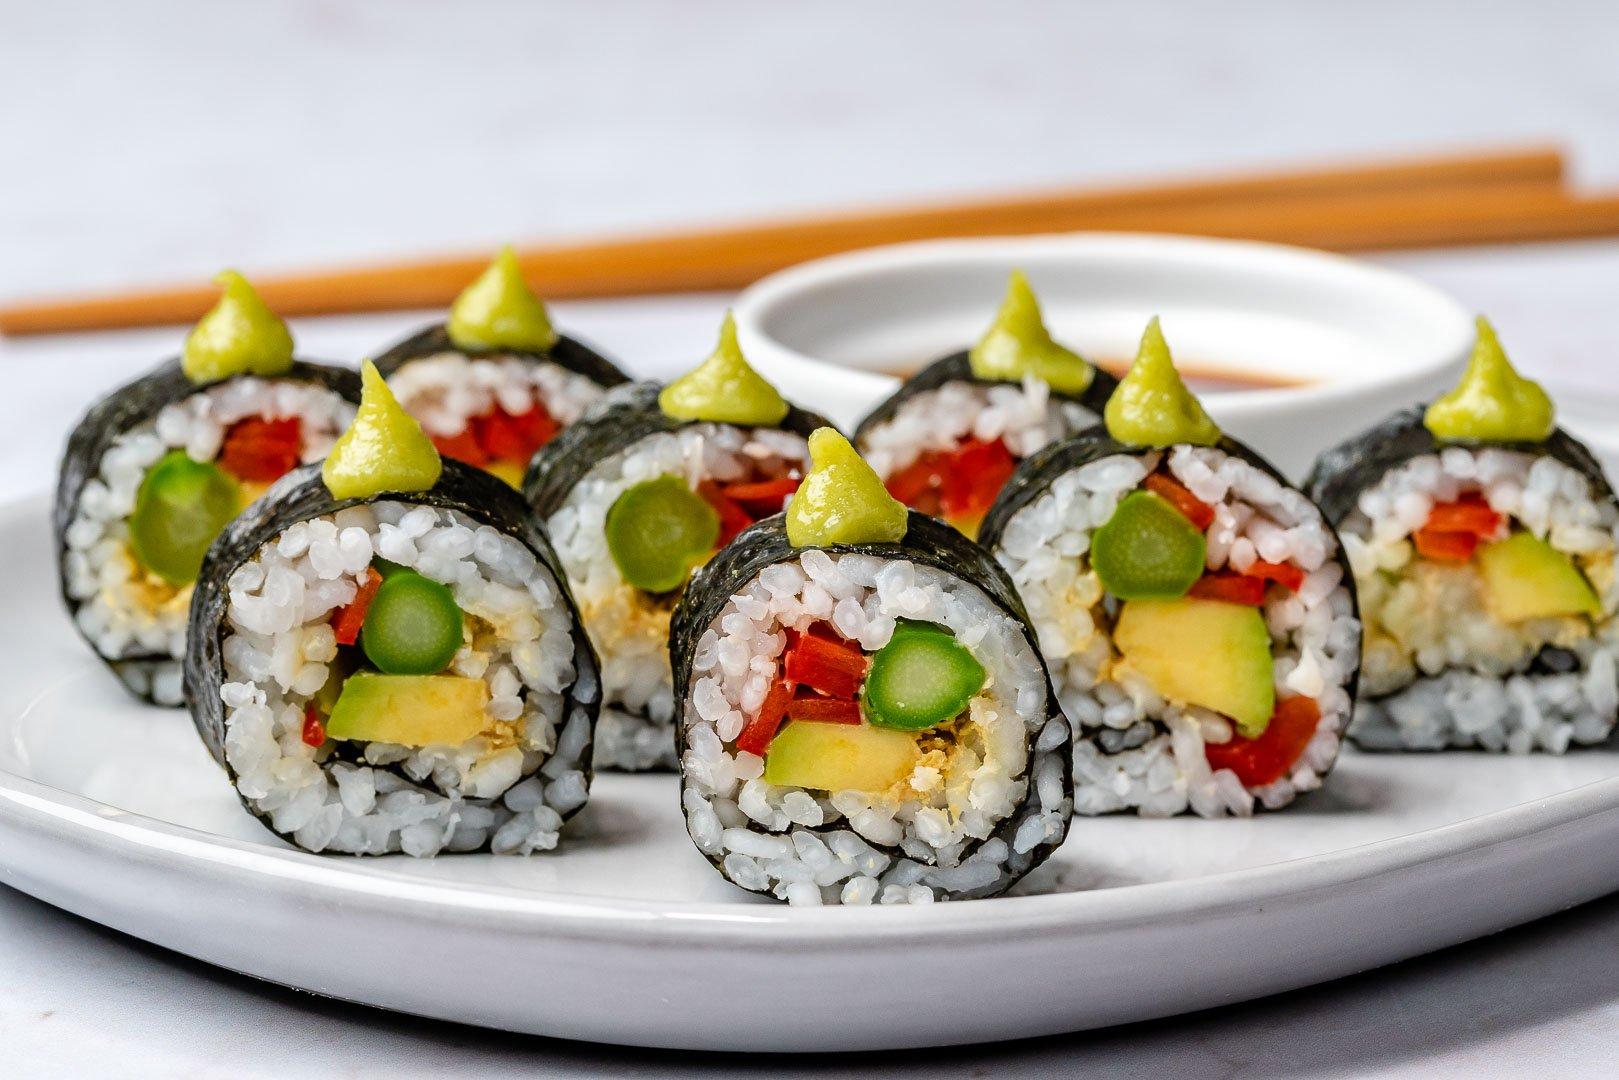 Cum Se Face Sushi Acasa - 4 Retete Simple De Sushi 12